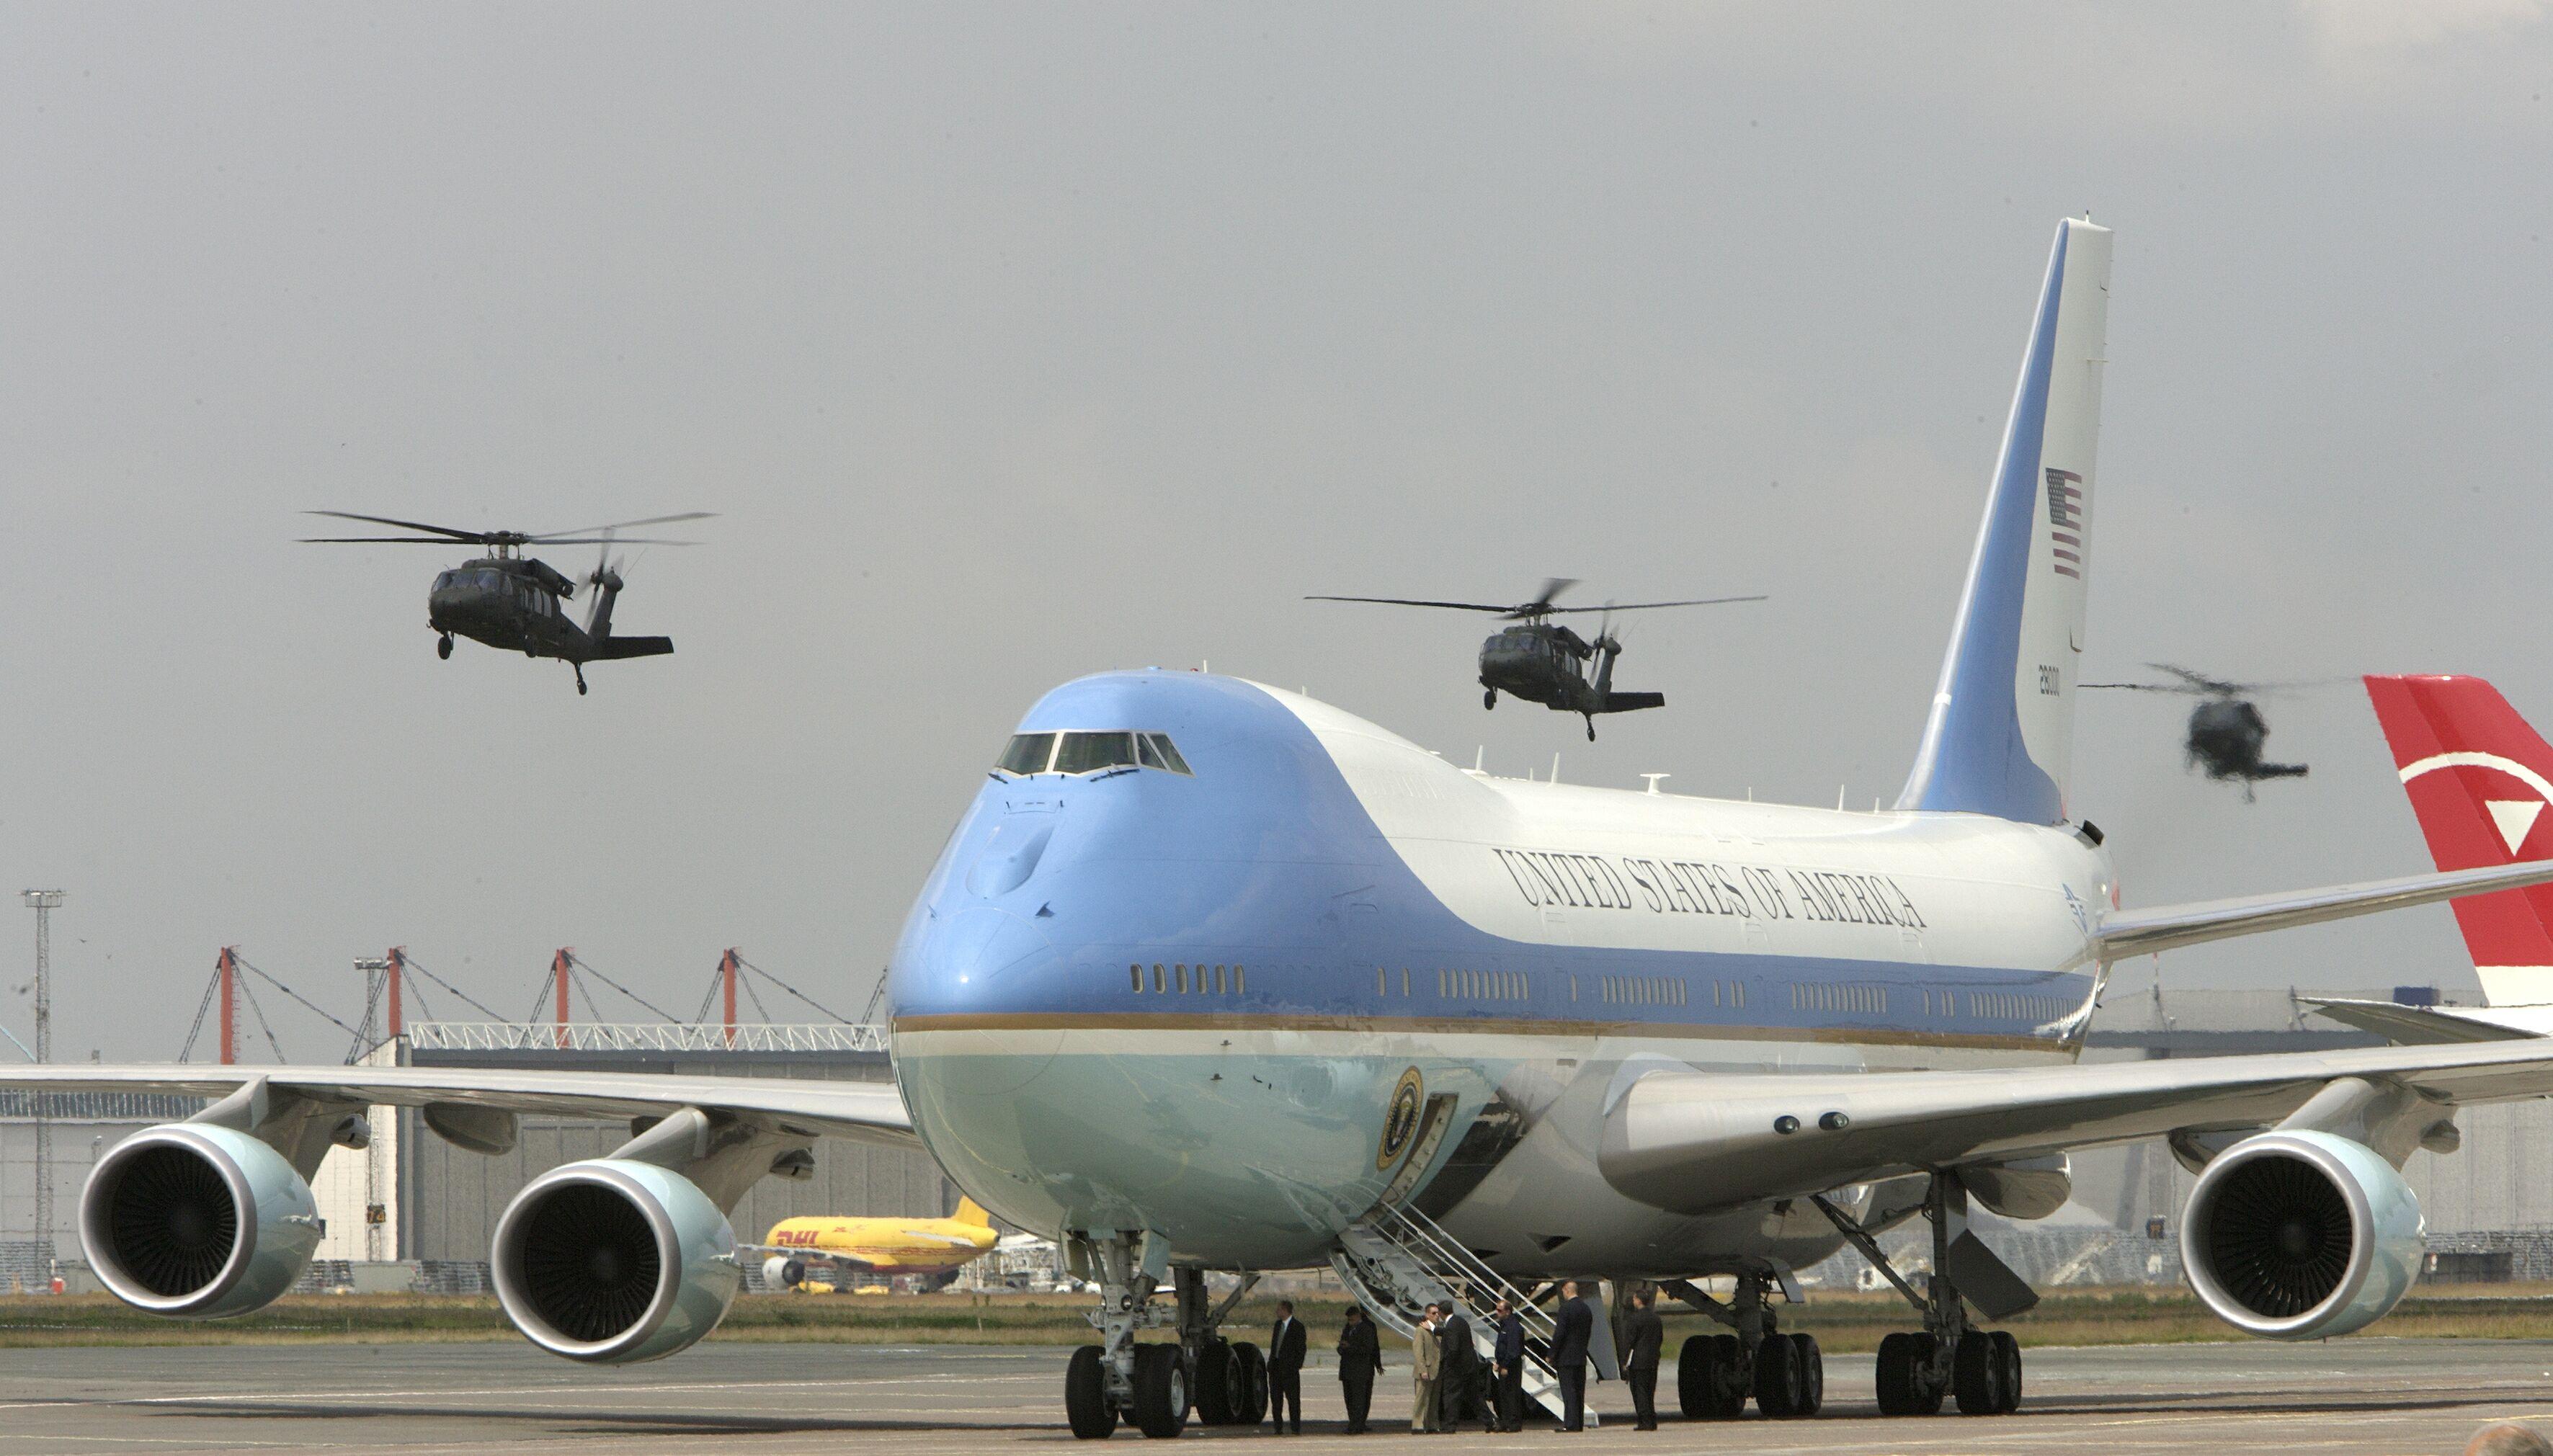 Air Force One kommer for femte gang til Københavns Lufthavn; præsident Clinton og de to følgende præsidenter, George Bush og Barack Obama, har også været i København, Obama endda to gange; her pressefoto fra Københavns Lufthavn ved et tidligere præsidentbesøg.